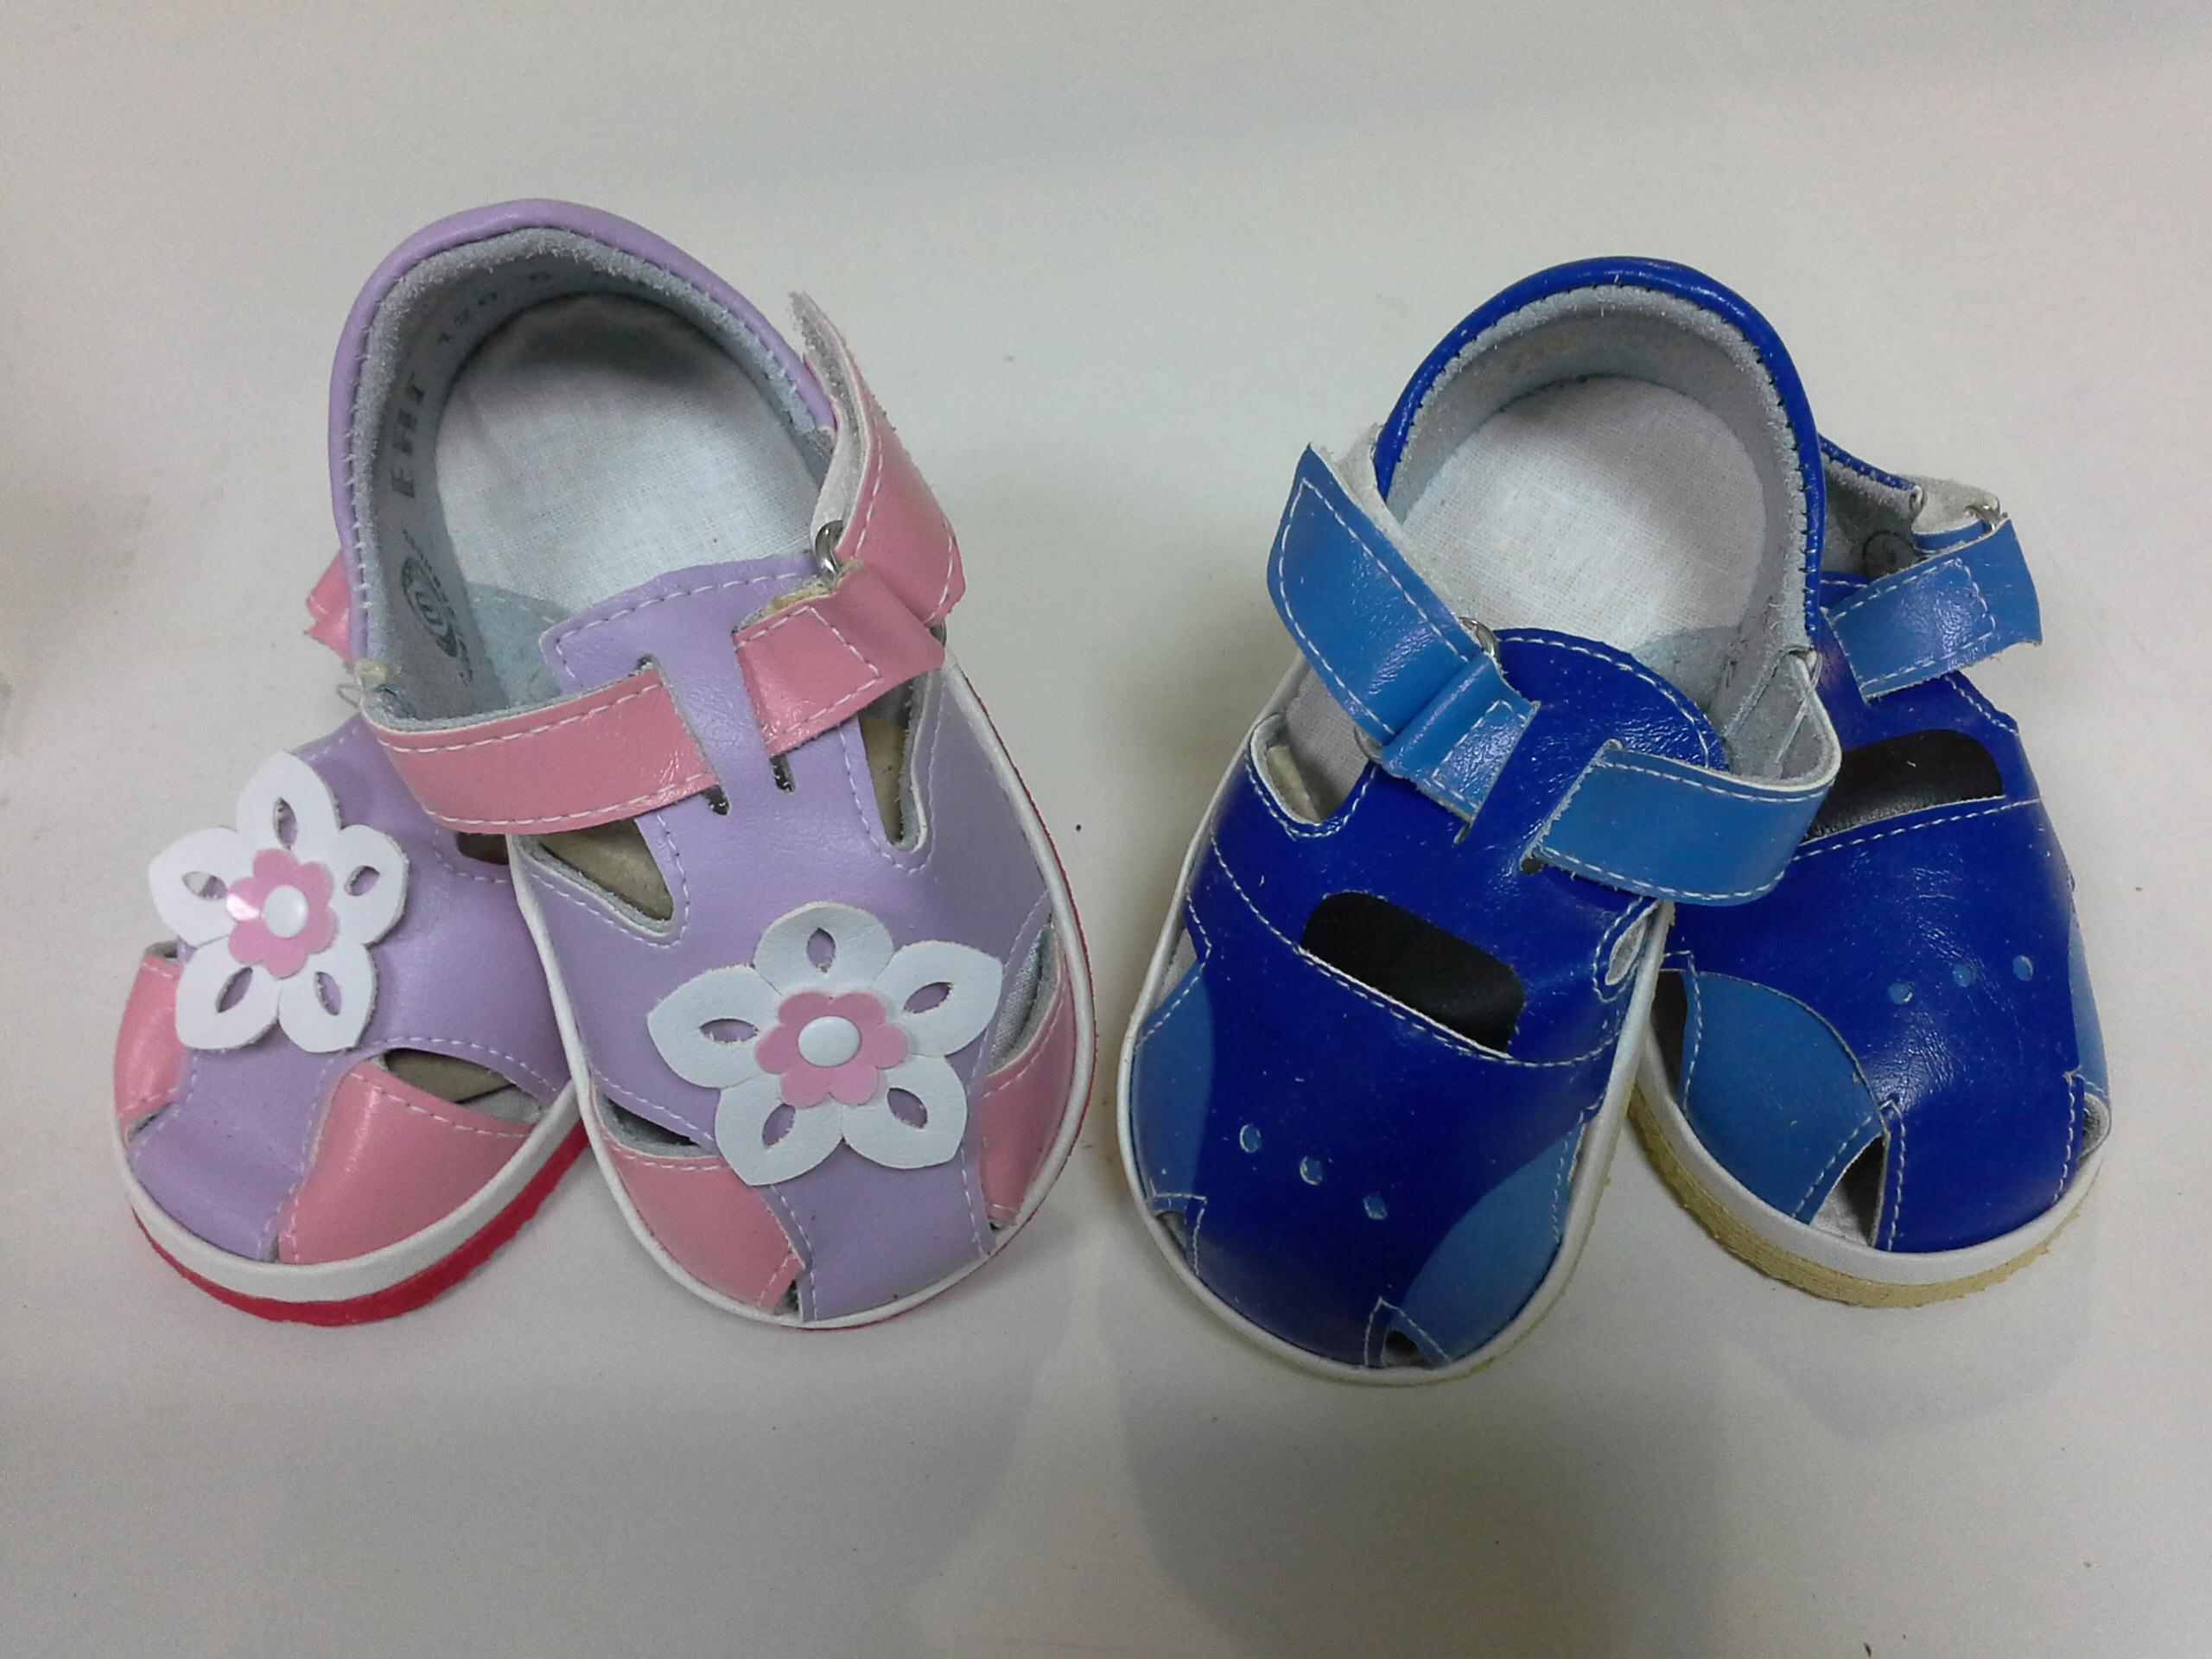 Детские сандалии от отечественных производителей, а также тапочки для детей и взрослых. Эконом цены. Выкуп 6